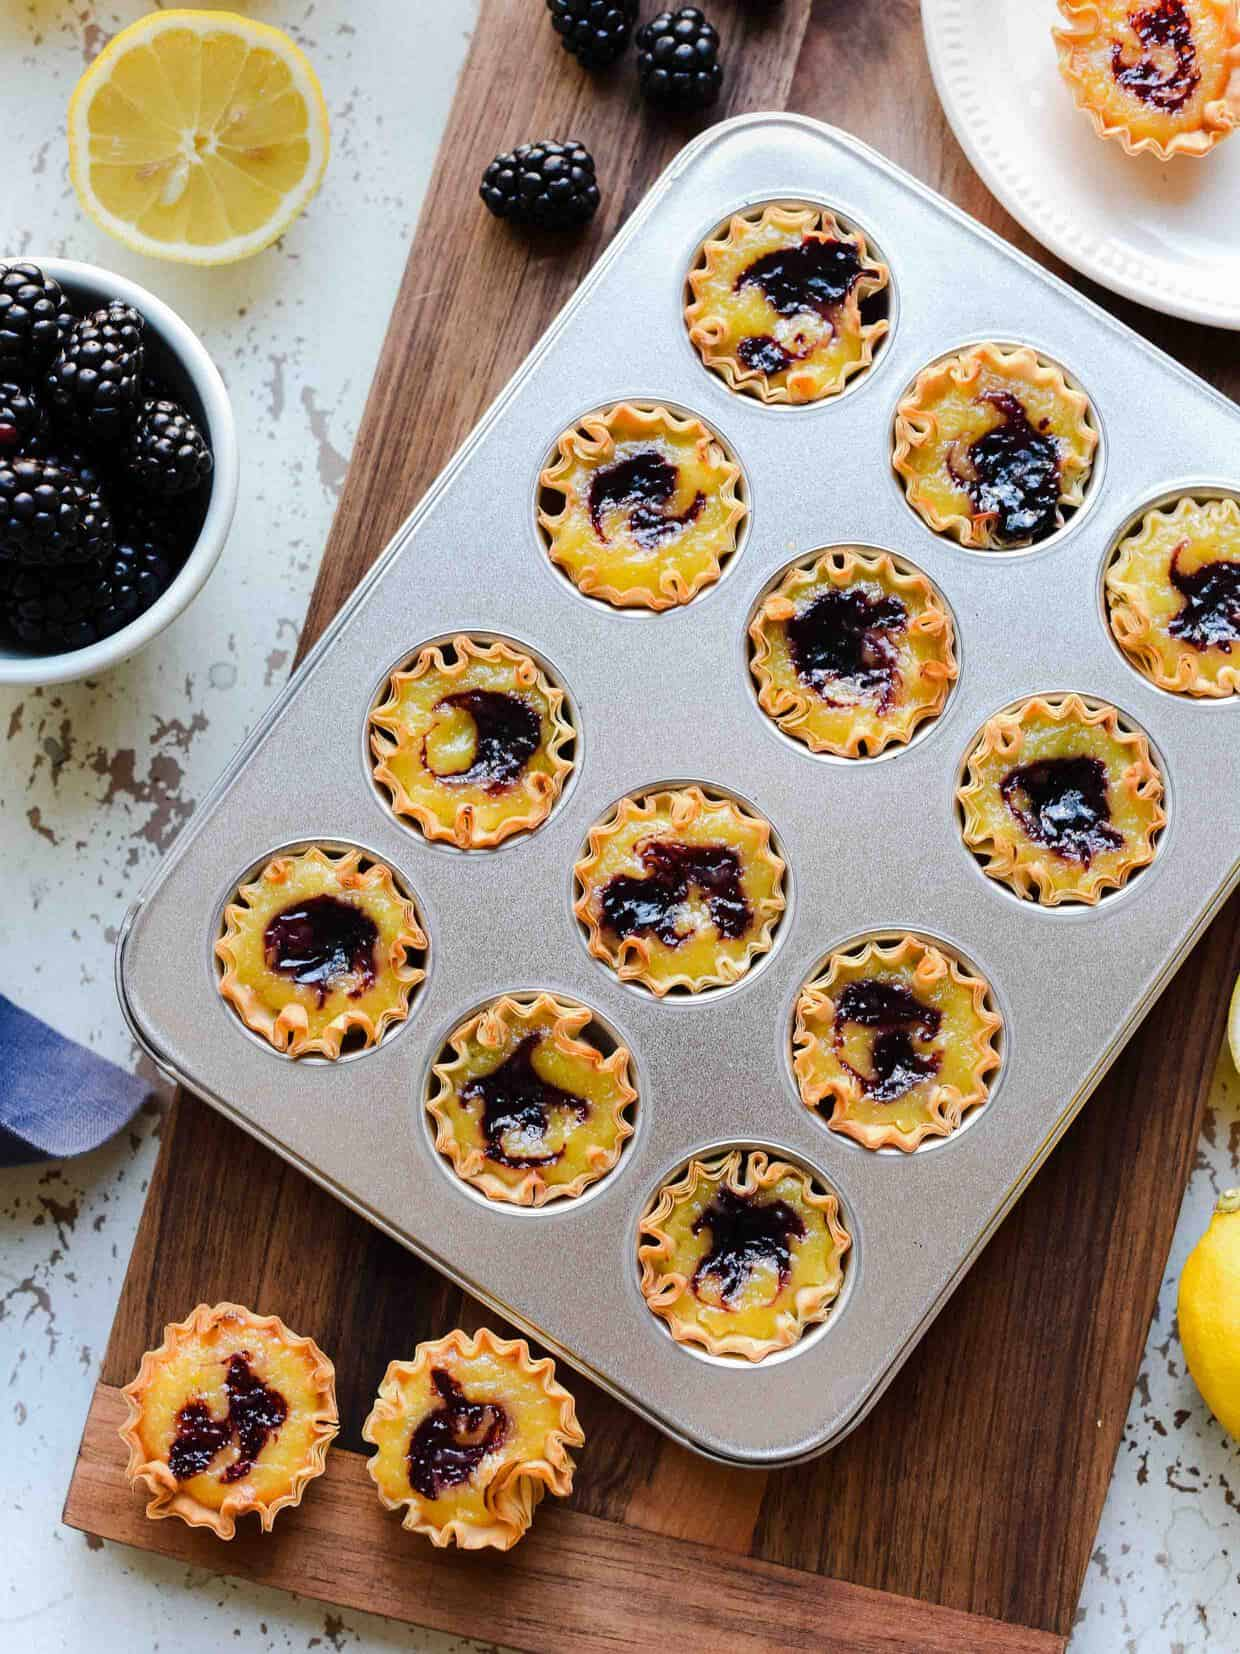 Lemon-Blackberry Chess Pie Bites